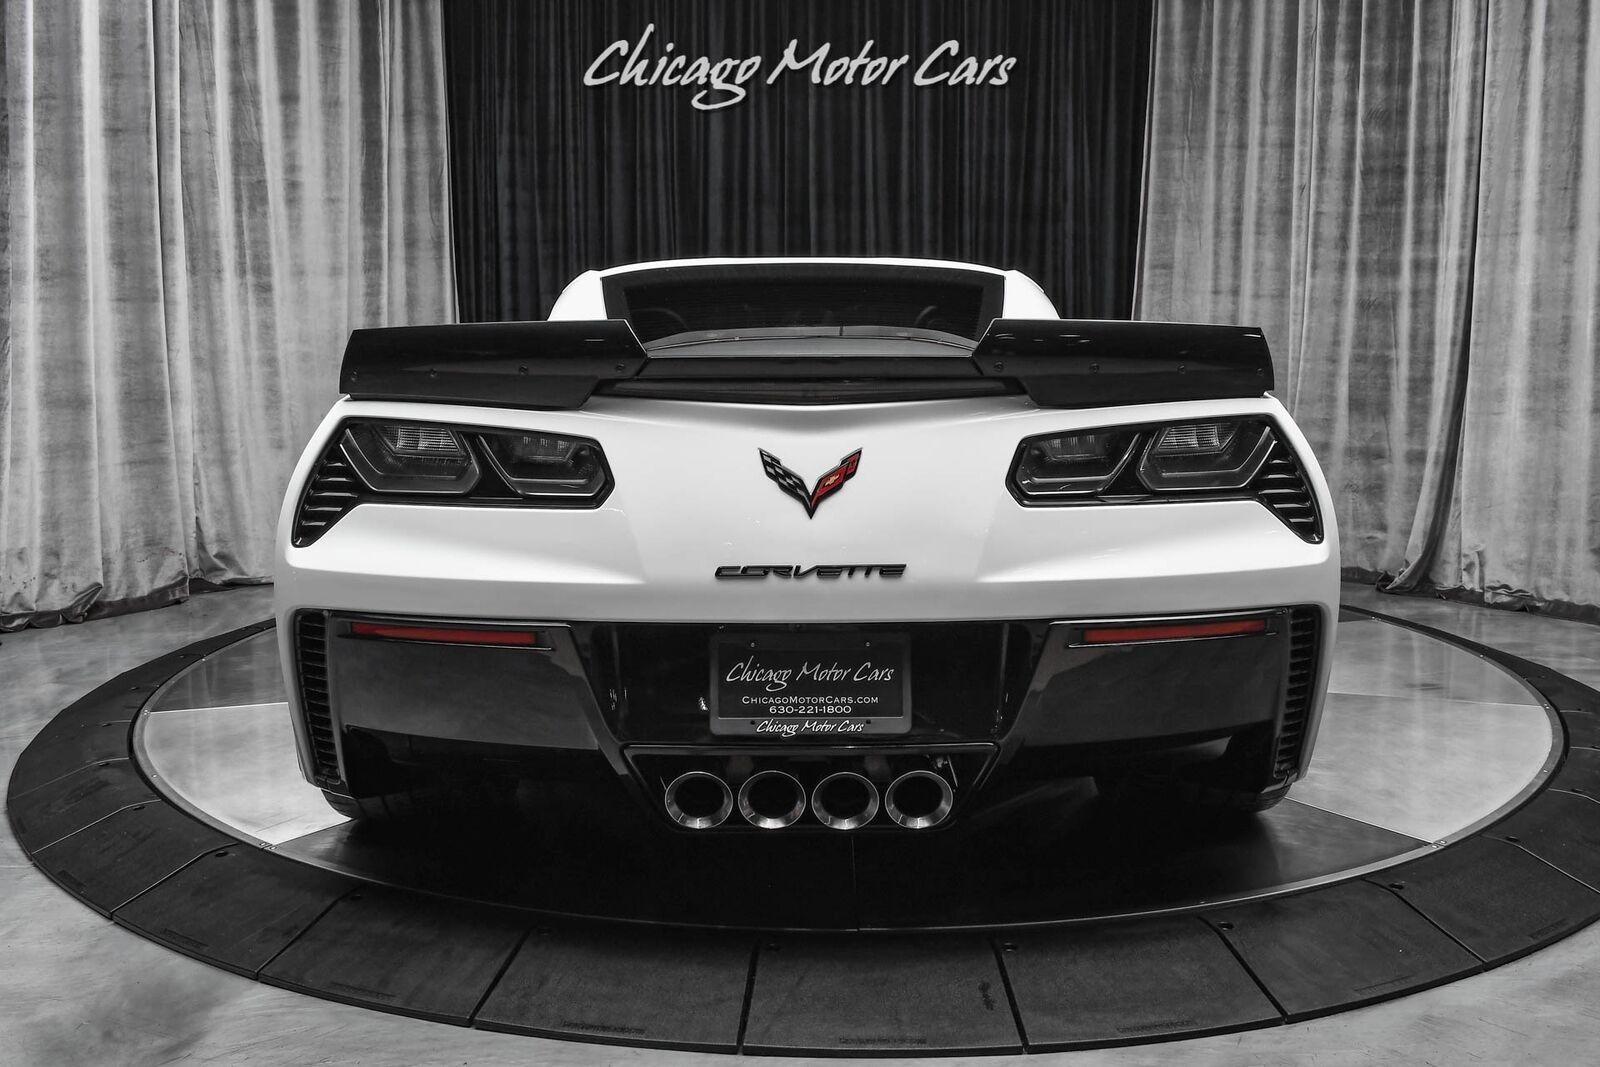 2019 White Chevrolet Corvette Z06 2LZ   C7 Corvette Photo 4